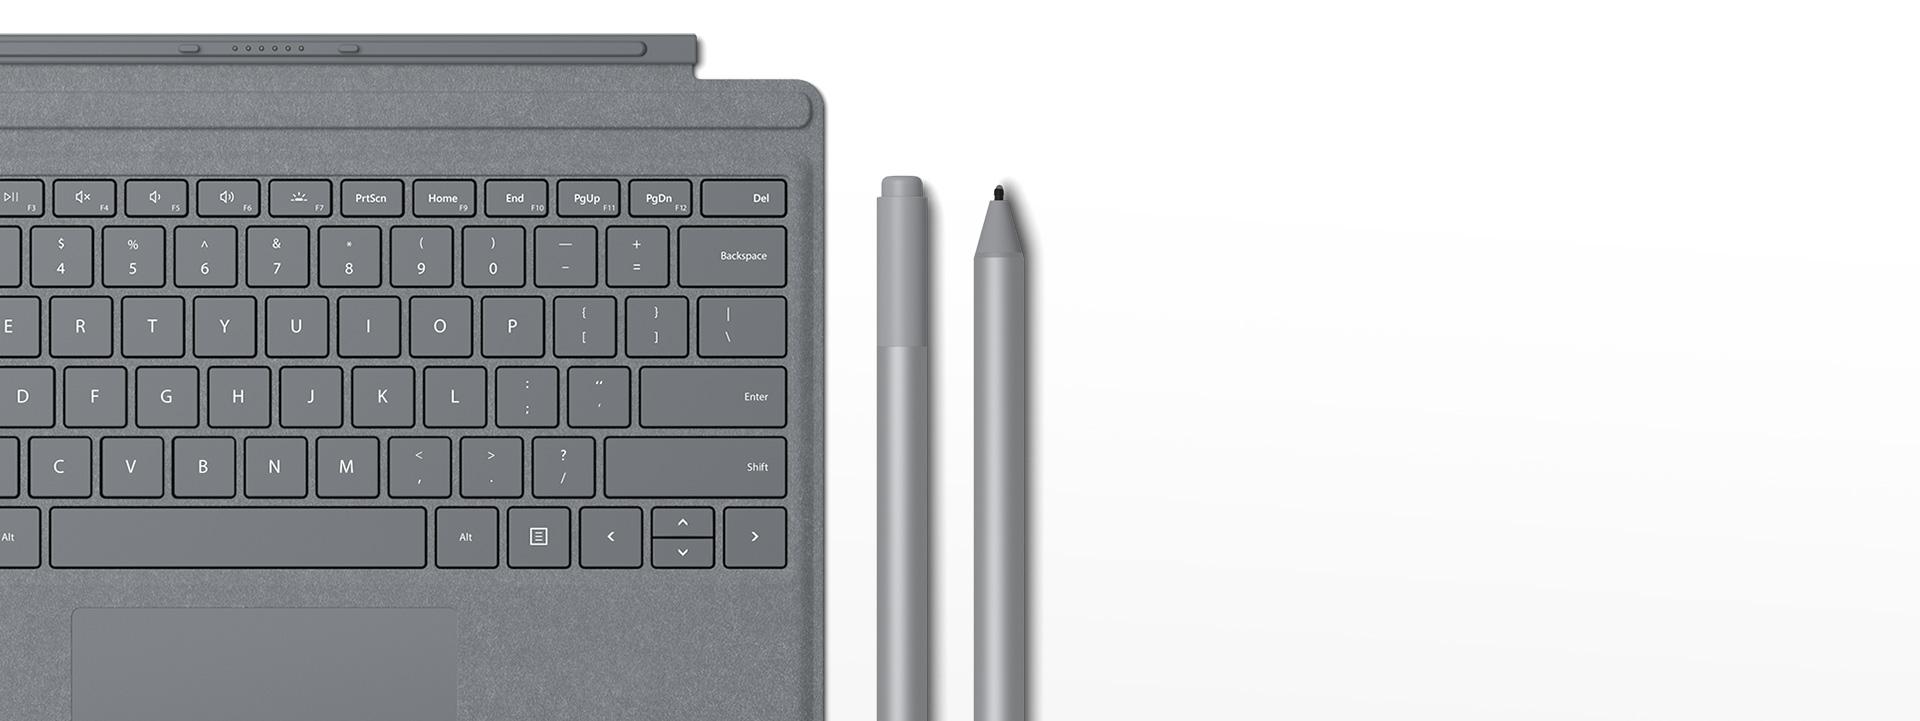 Surface Pro Type Cover, Surface-kynä, Surfacen kynänkärkipaketti